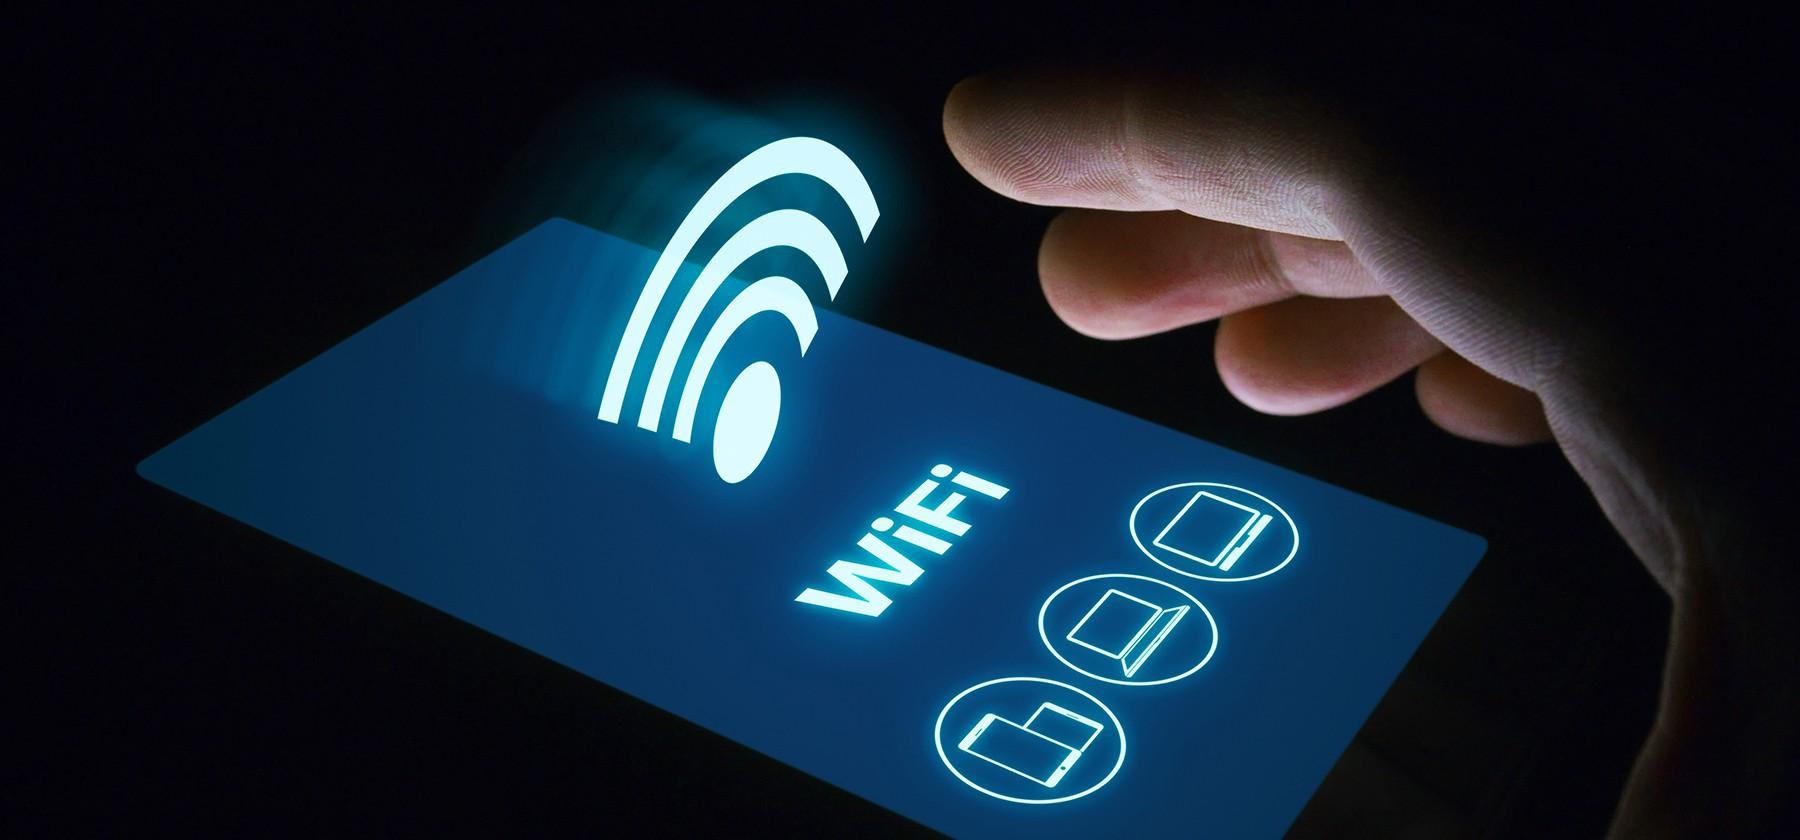 Reti WiFi e impianti Wireless professionali